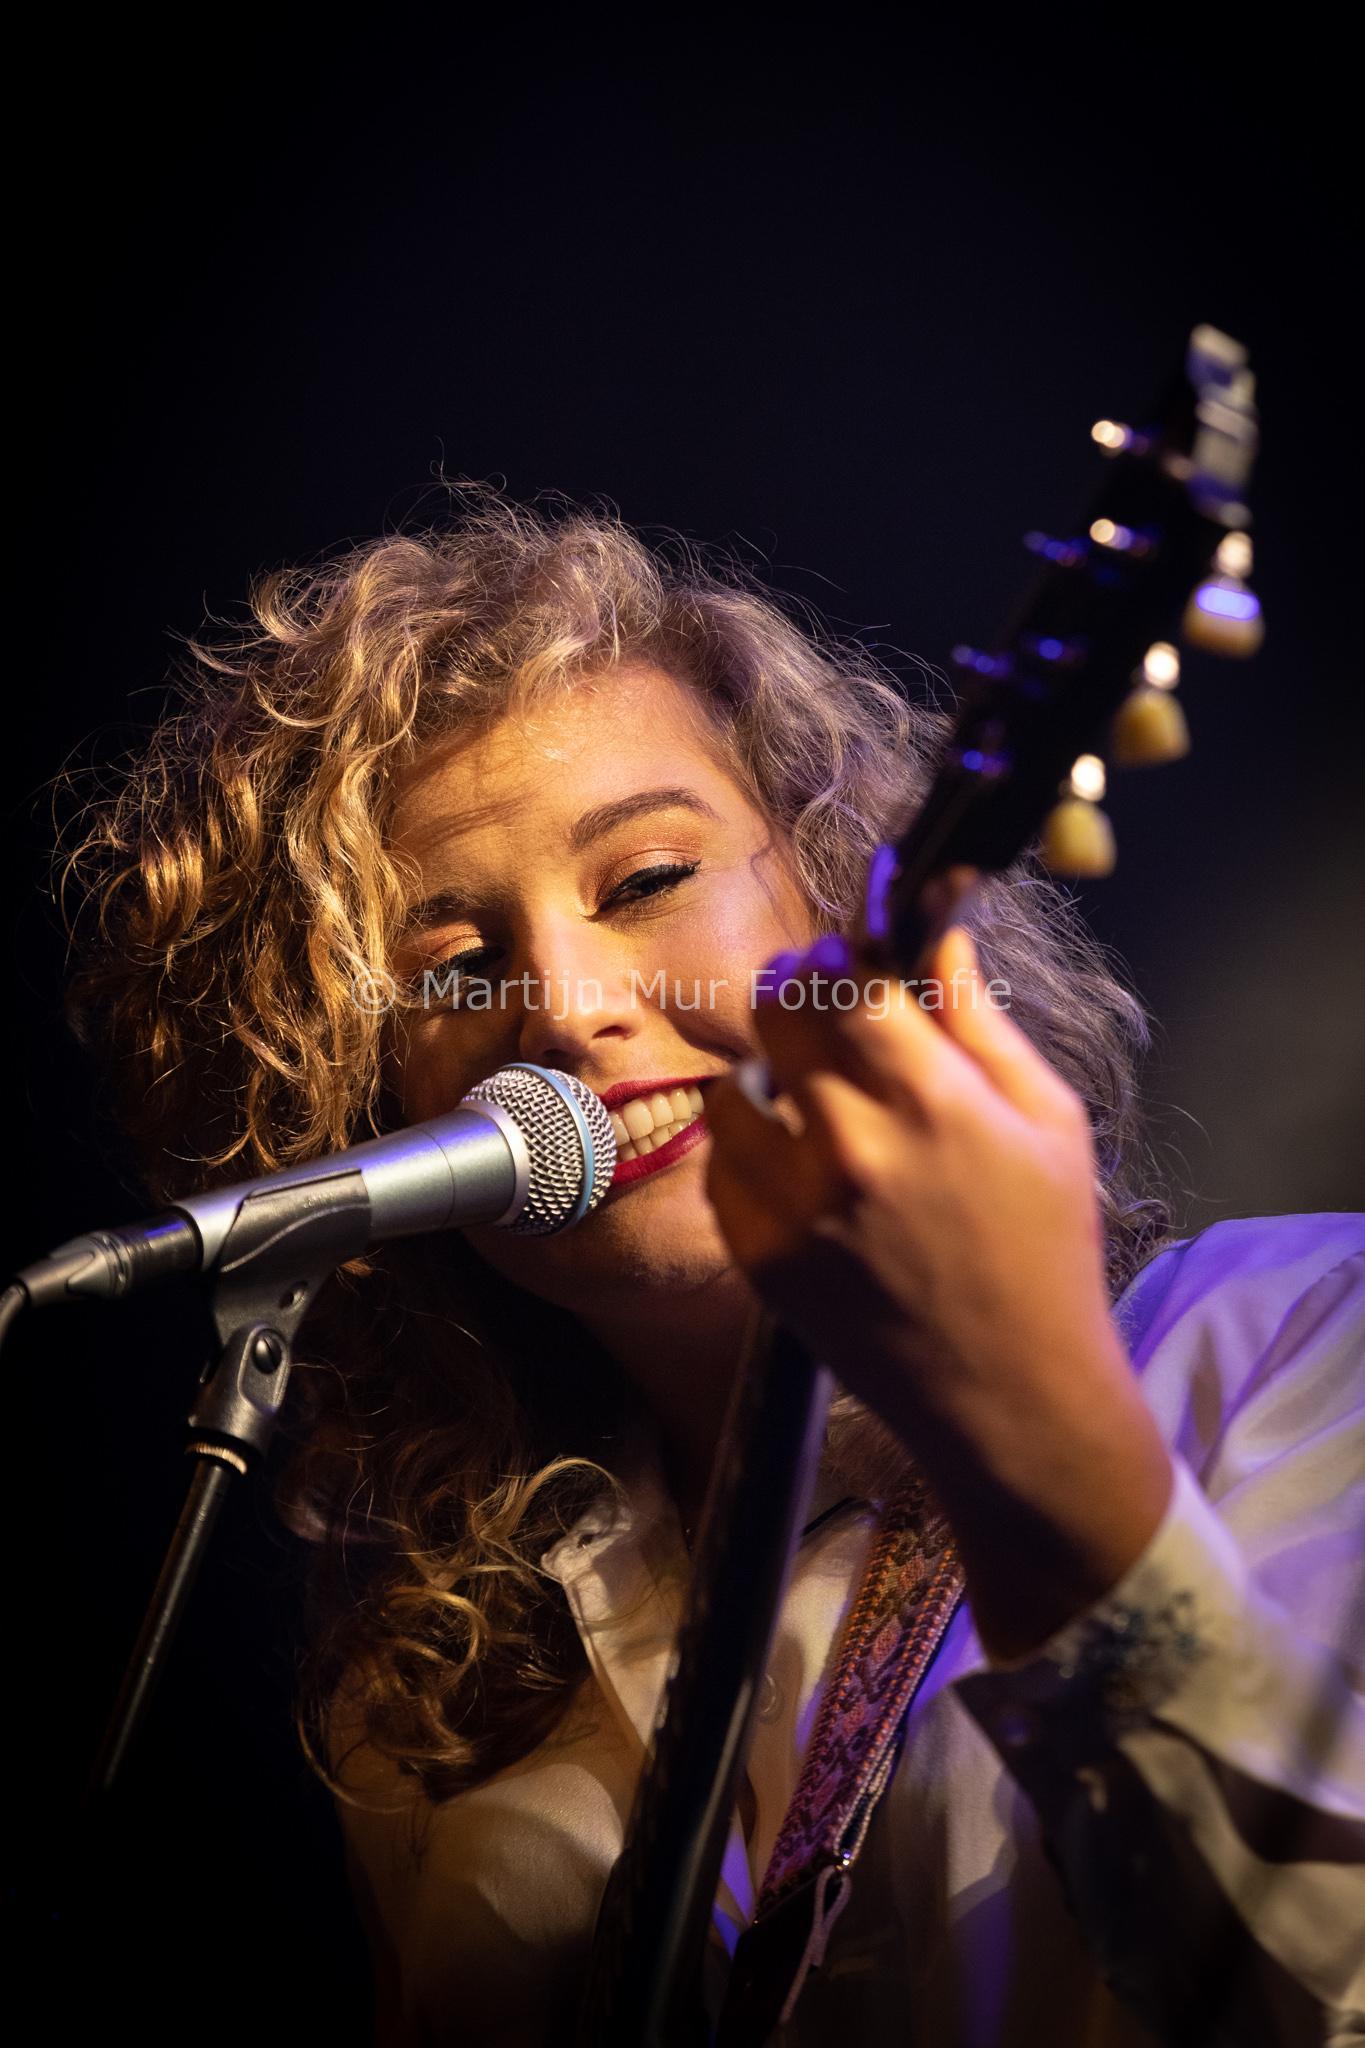 concertfotografie, Judy Blank, Nashville Now